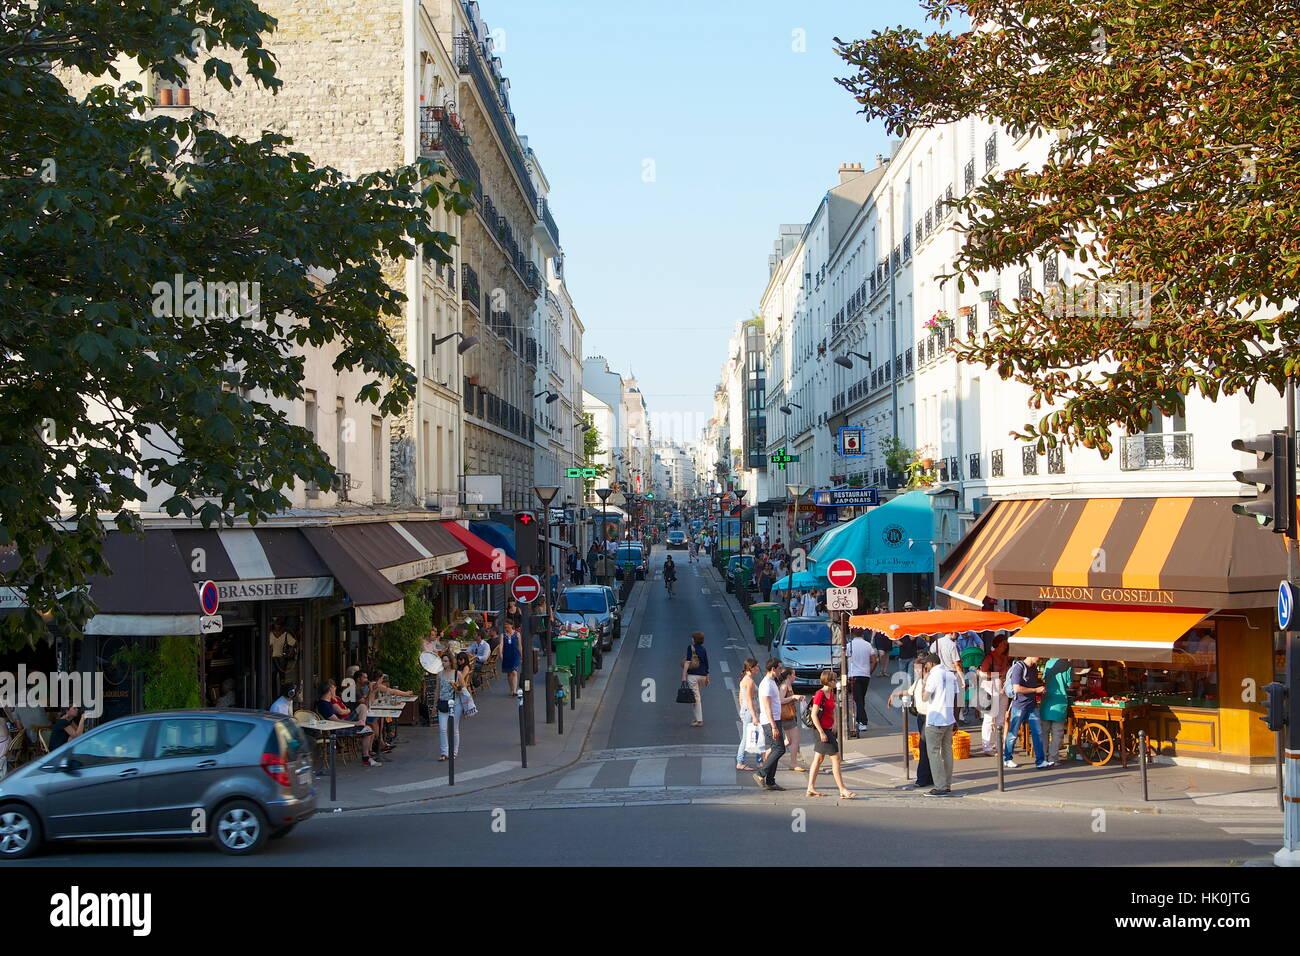 France, Paris, 15th arrondissement, wide shot of Rue du Commerce - Stock Image